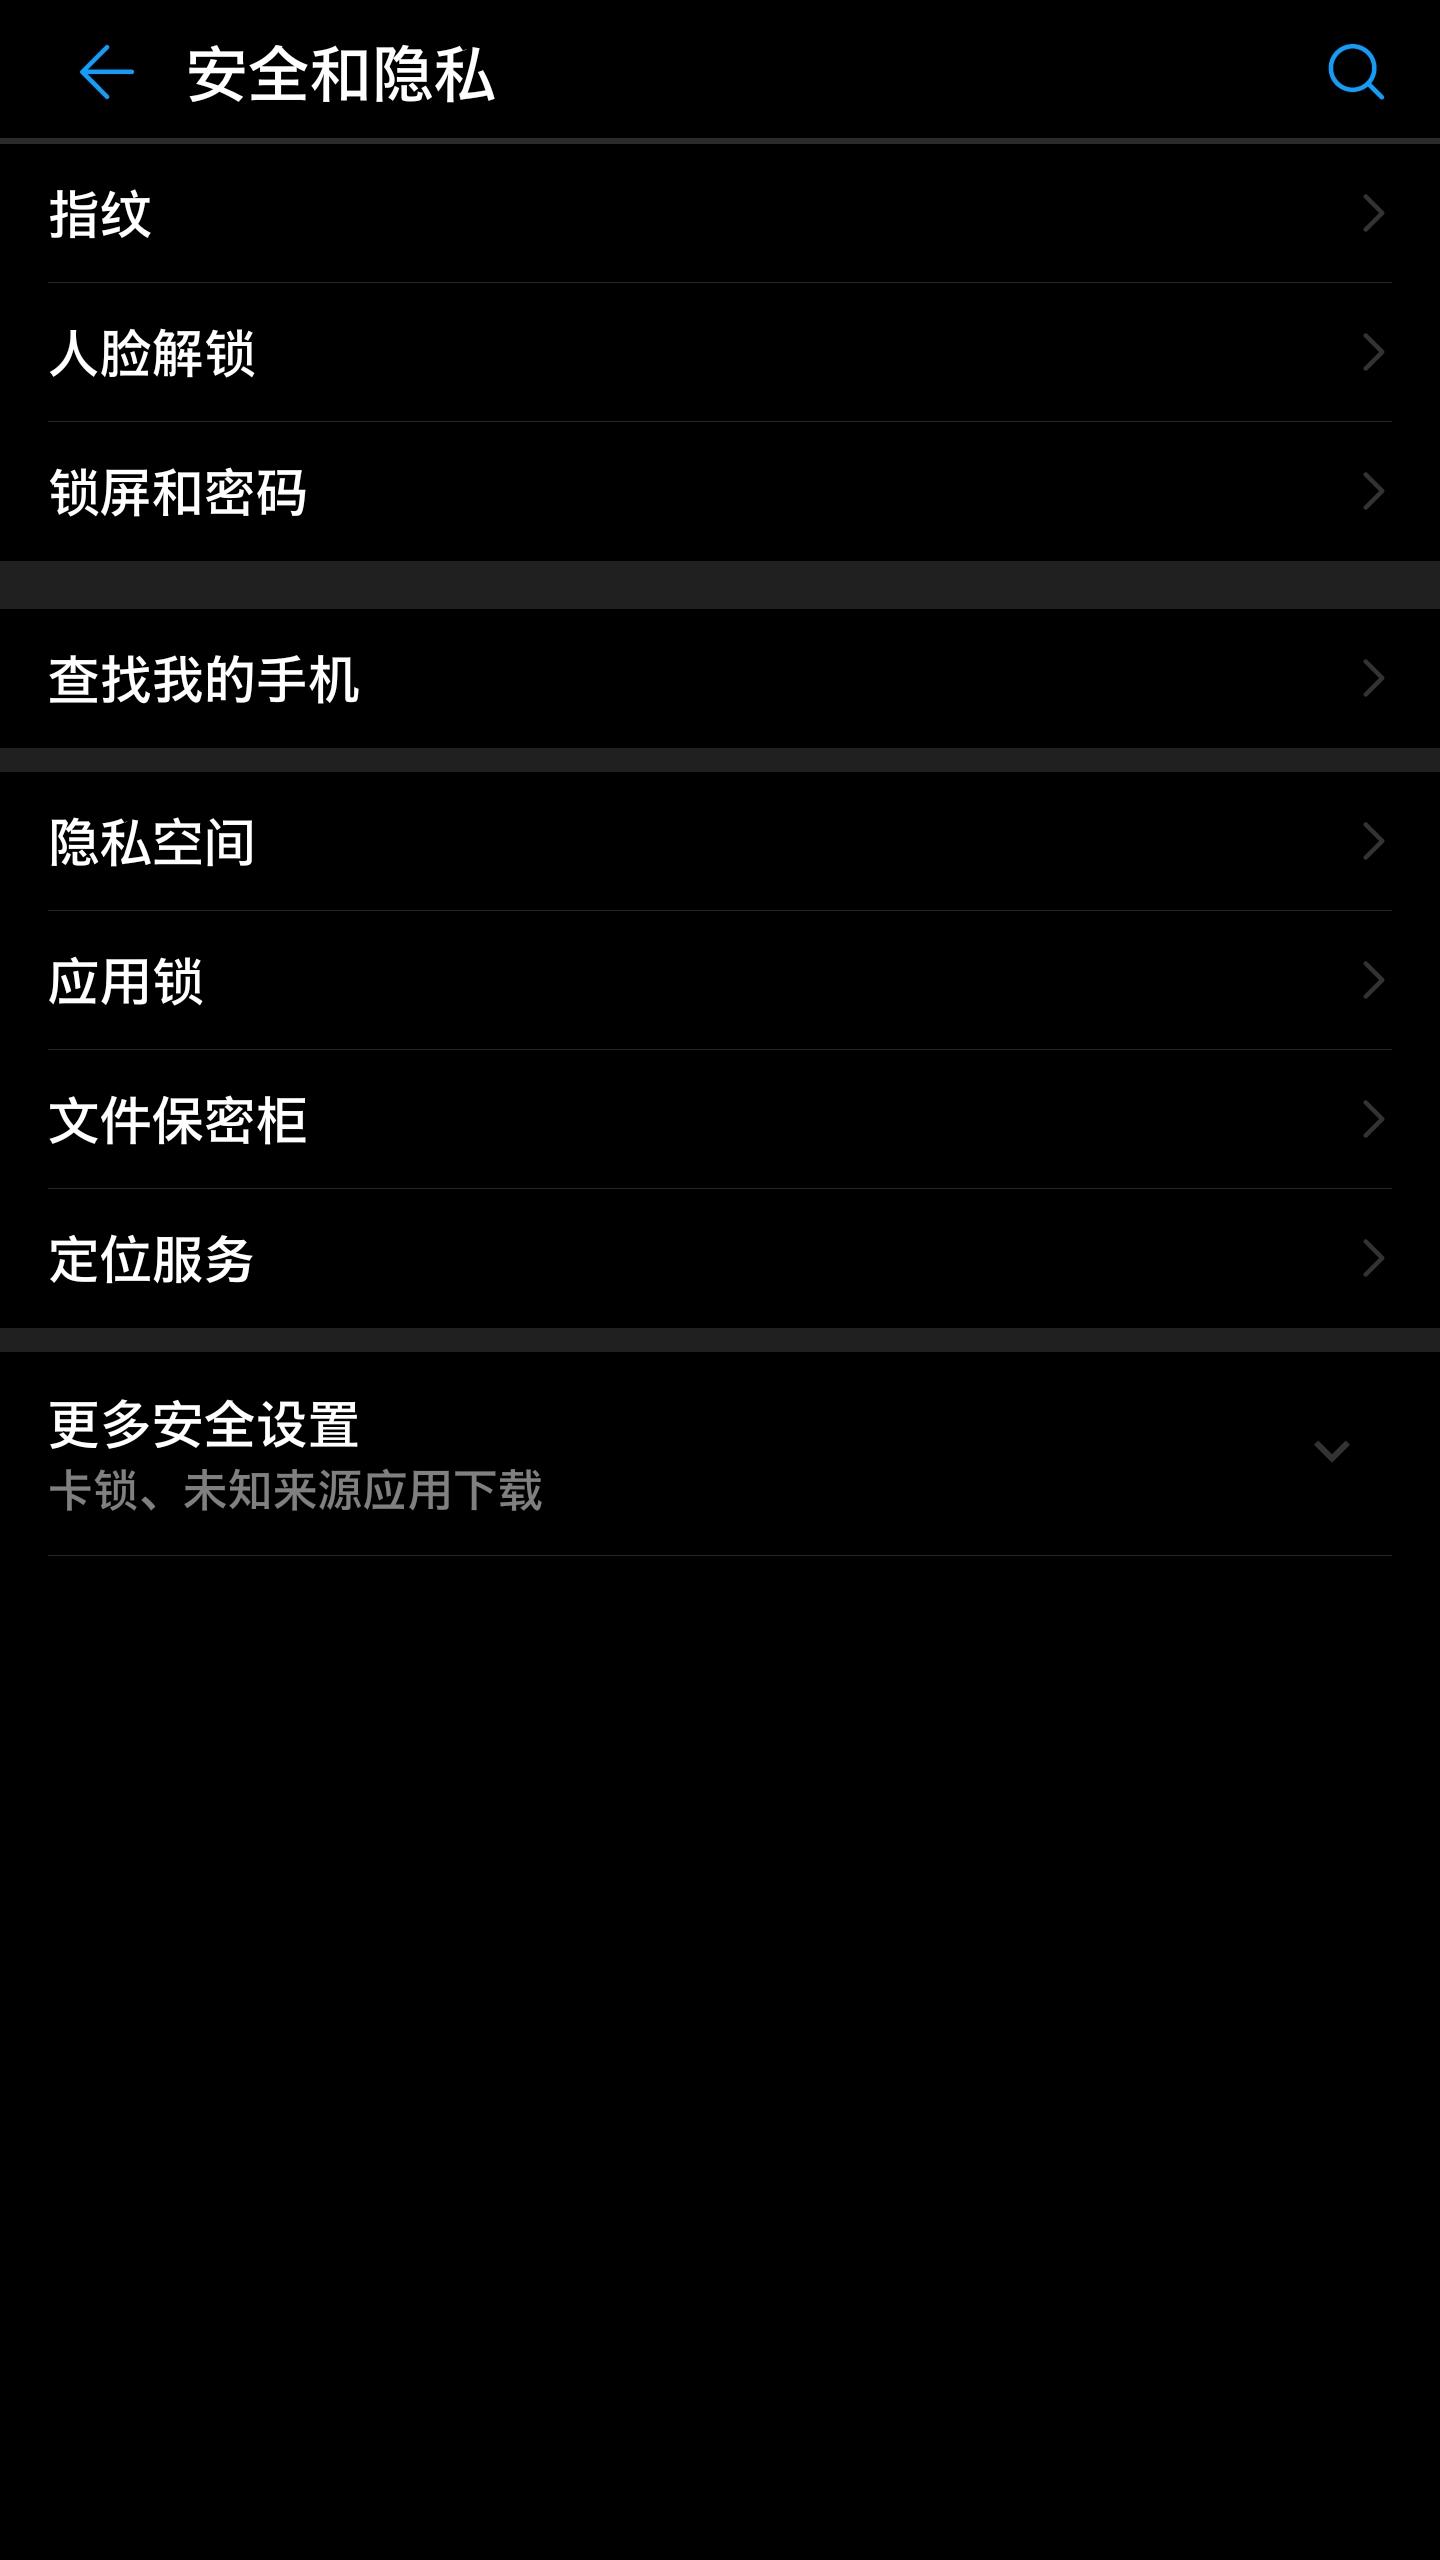 Screenshot_20180804-104136.jpg